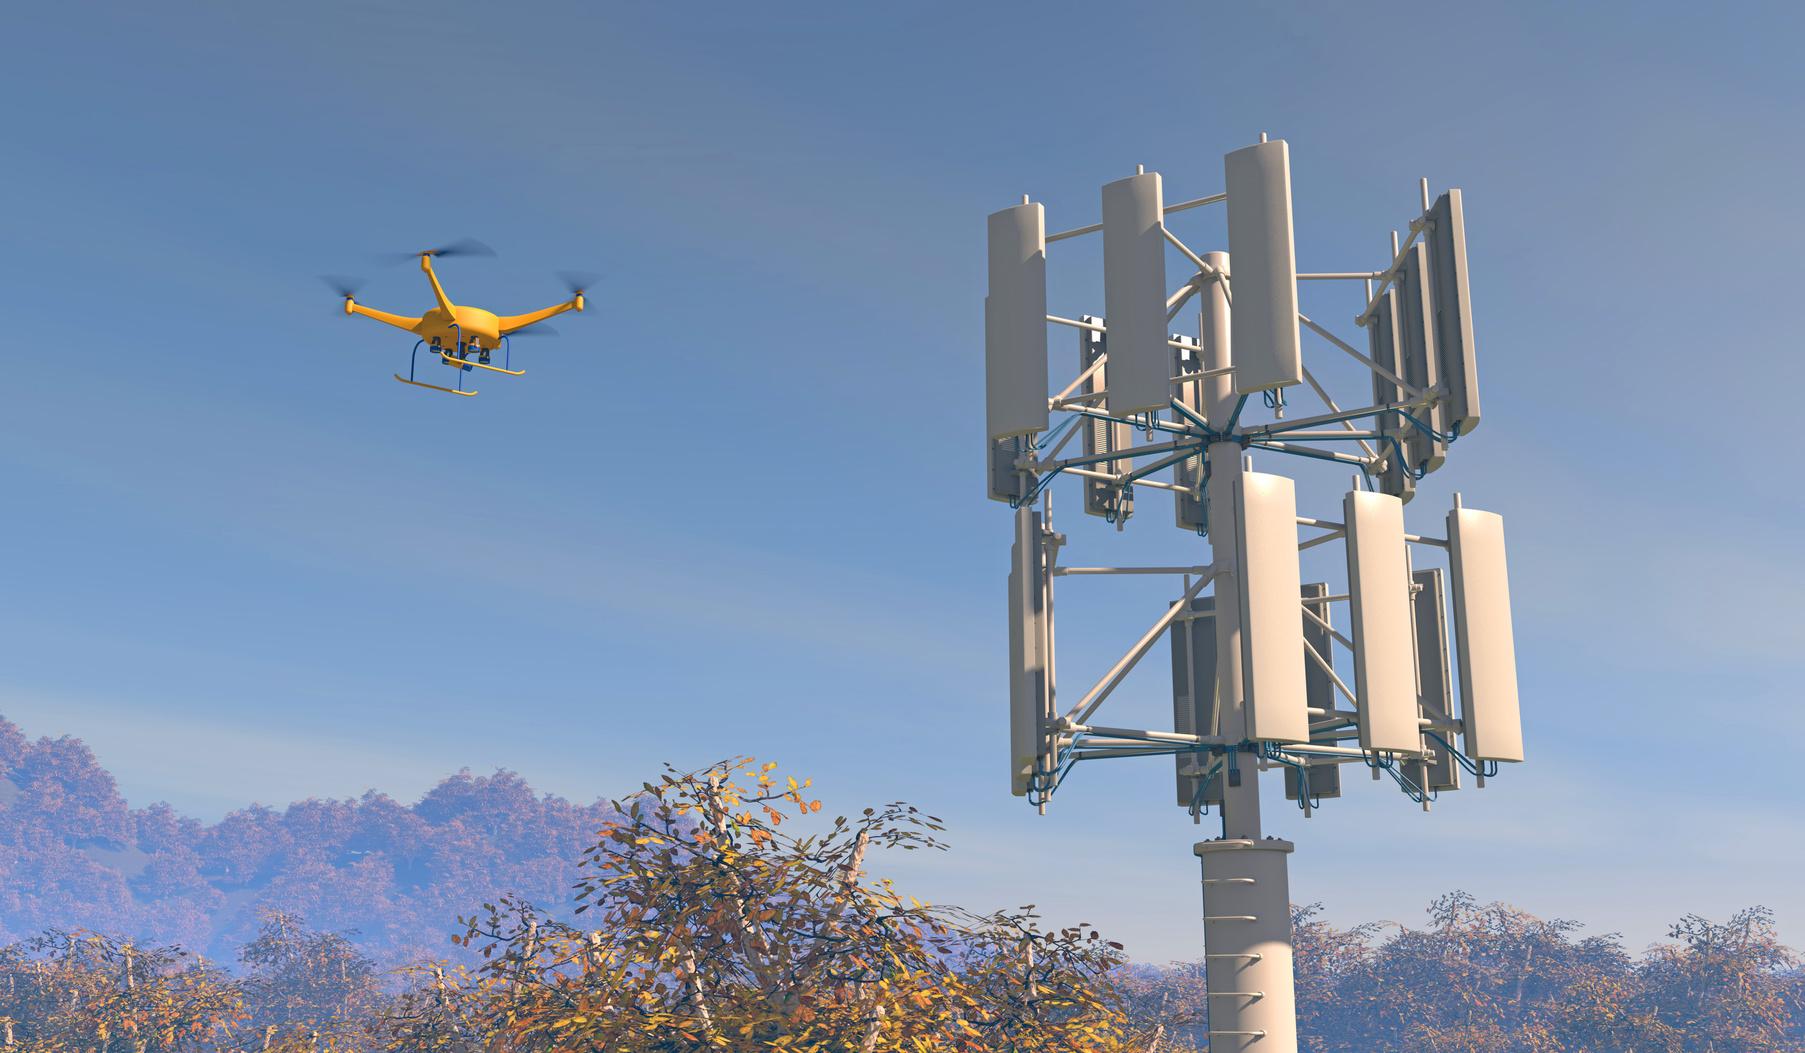 Les drones au service de la maintenance - TransportShaker